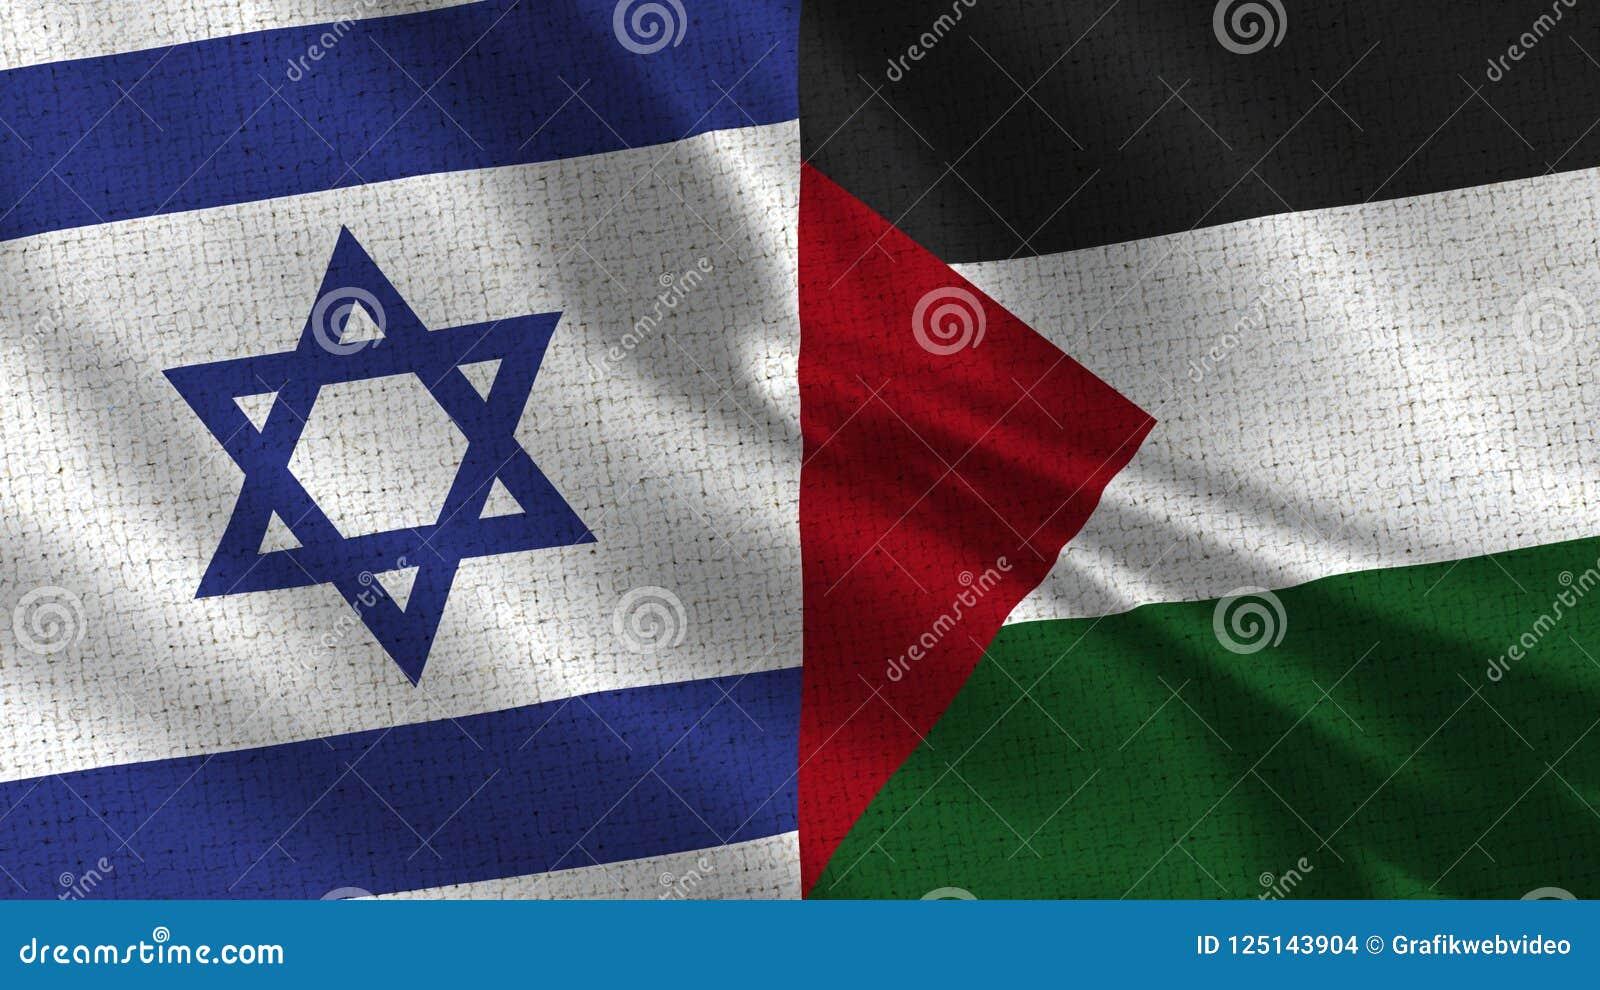 Σημαία του Ισραήλ και της Παλαιστίνης - δύο σημαίες από κοινού